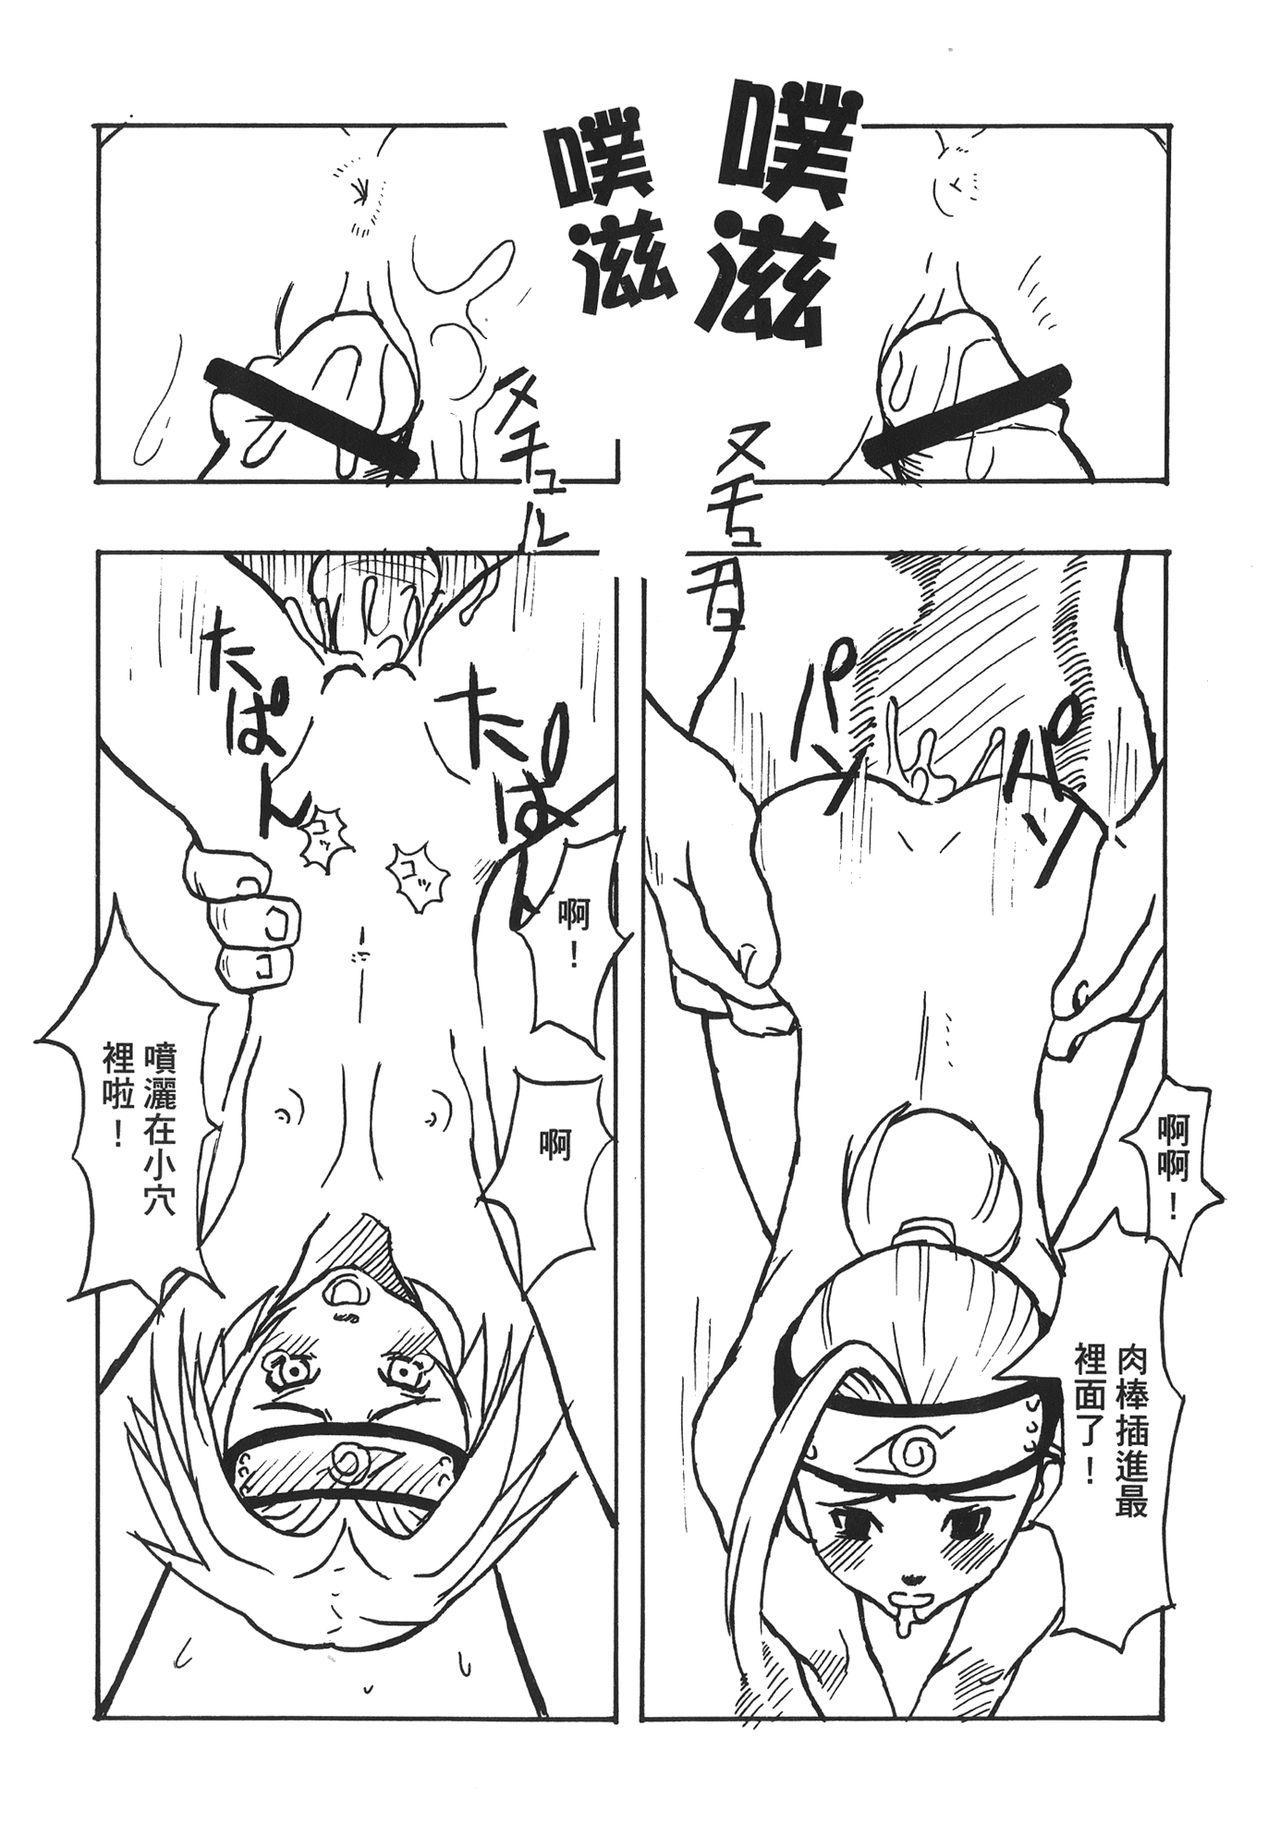 naruto ninja biography vol.07 66